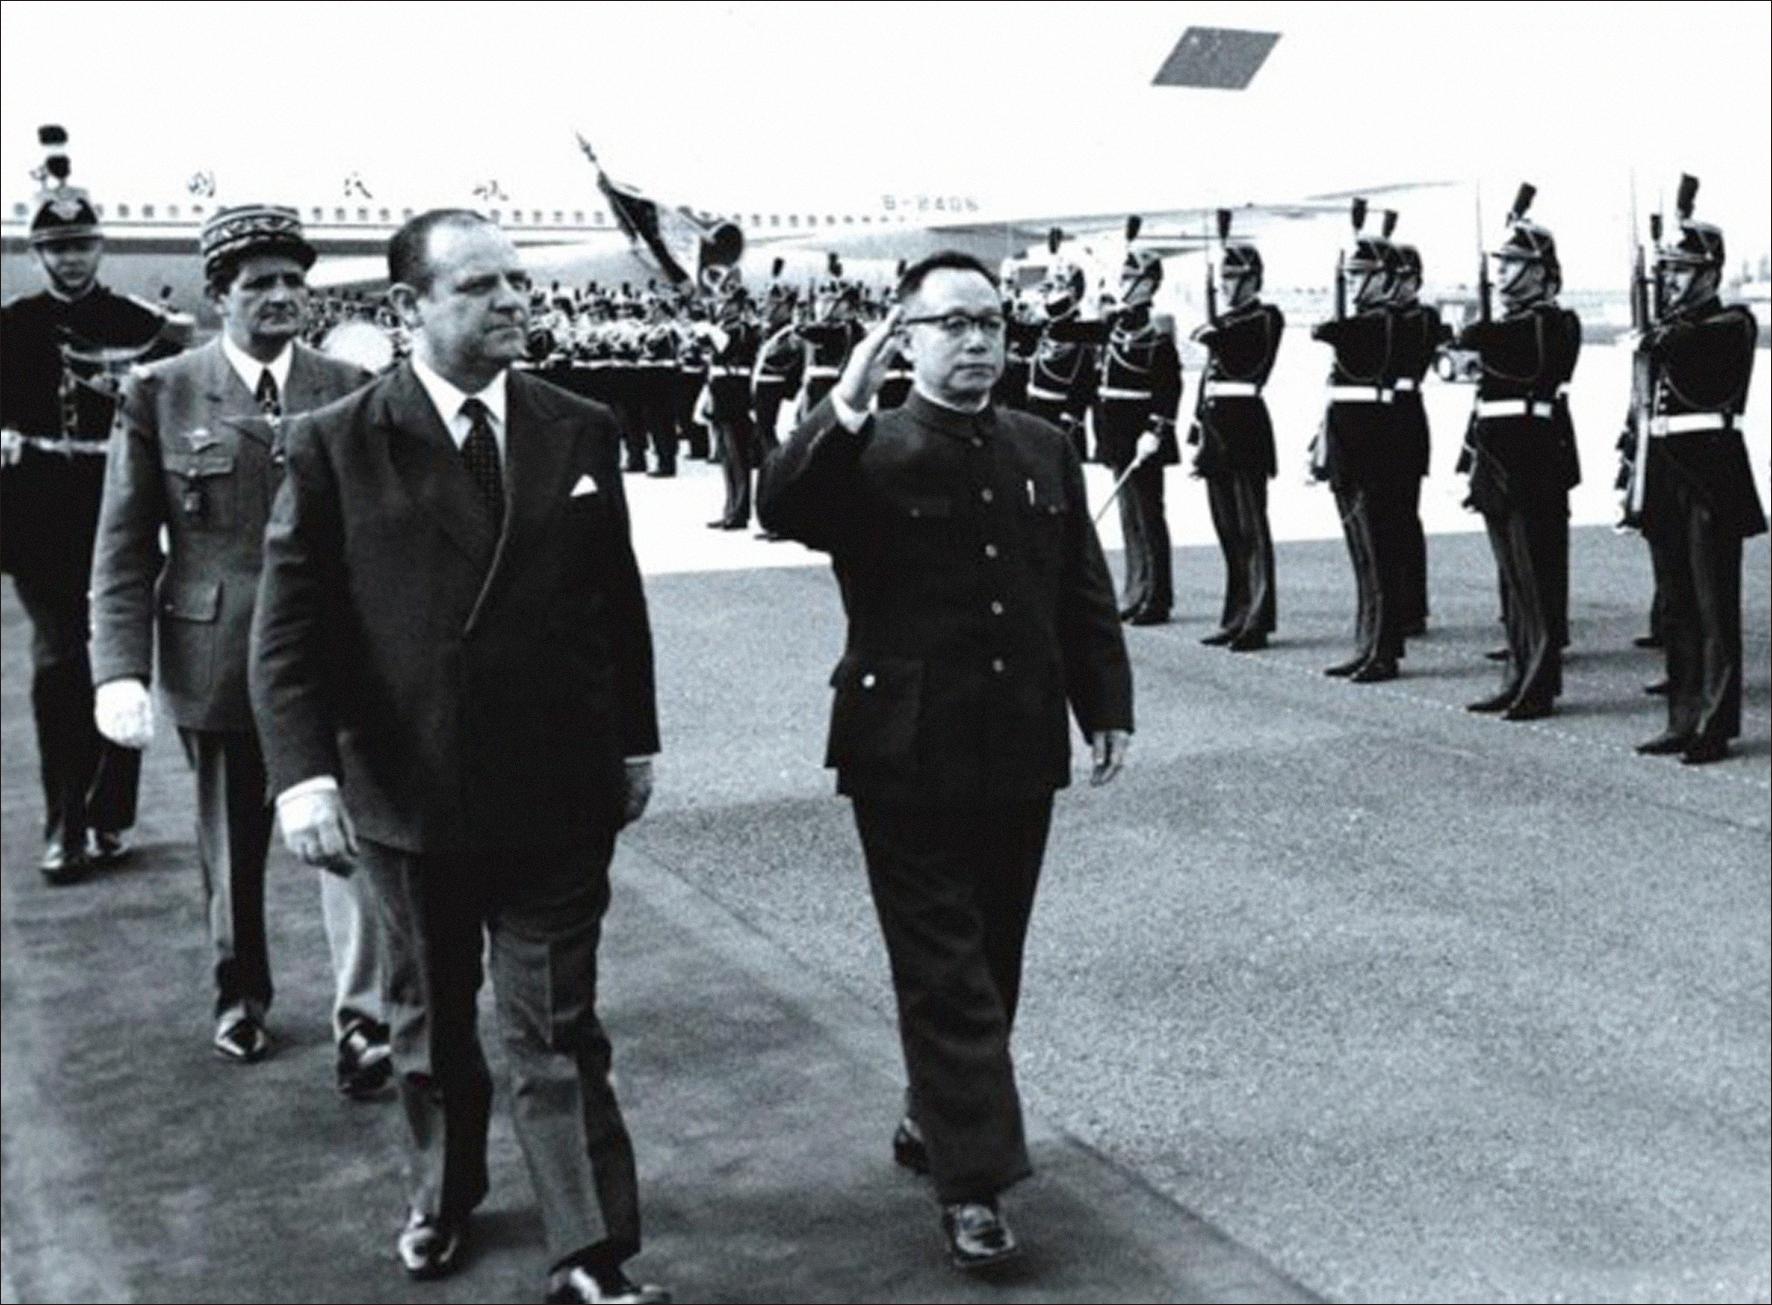 (原料图:1978年5月2日至6月初,国务院副总理谷牧率领中国当局代外团考察欧洲五国,图为谷牧一走飞抵法国。)